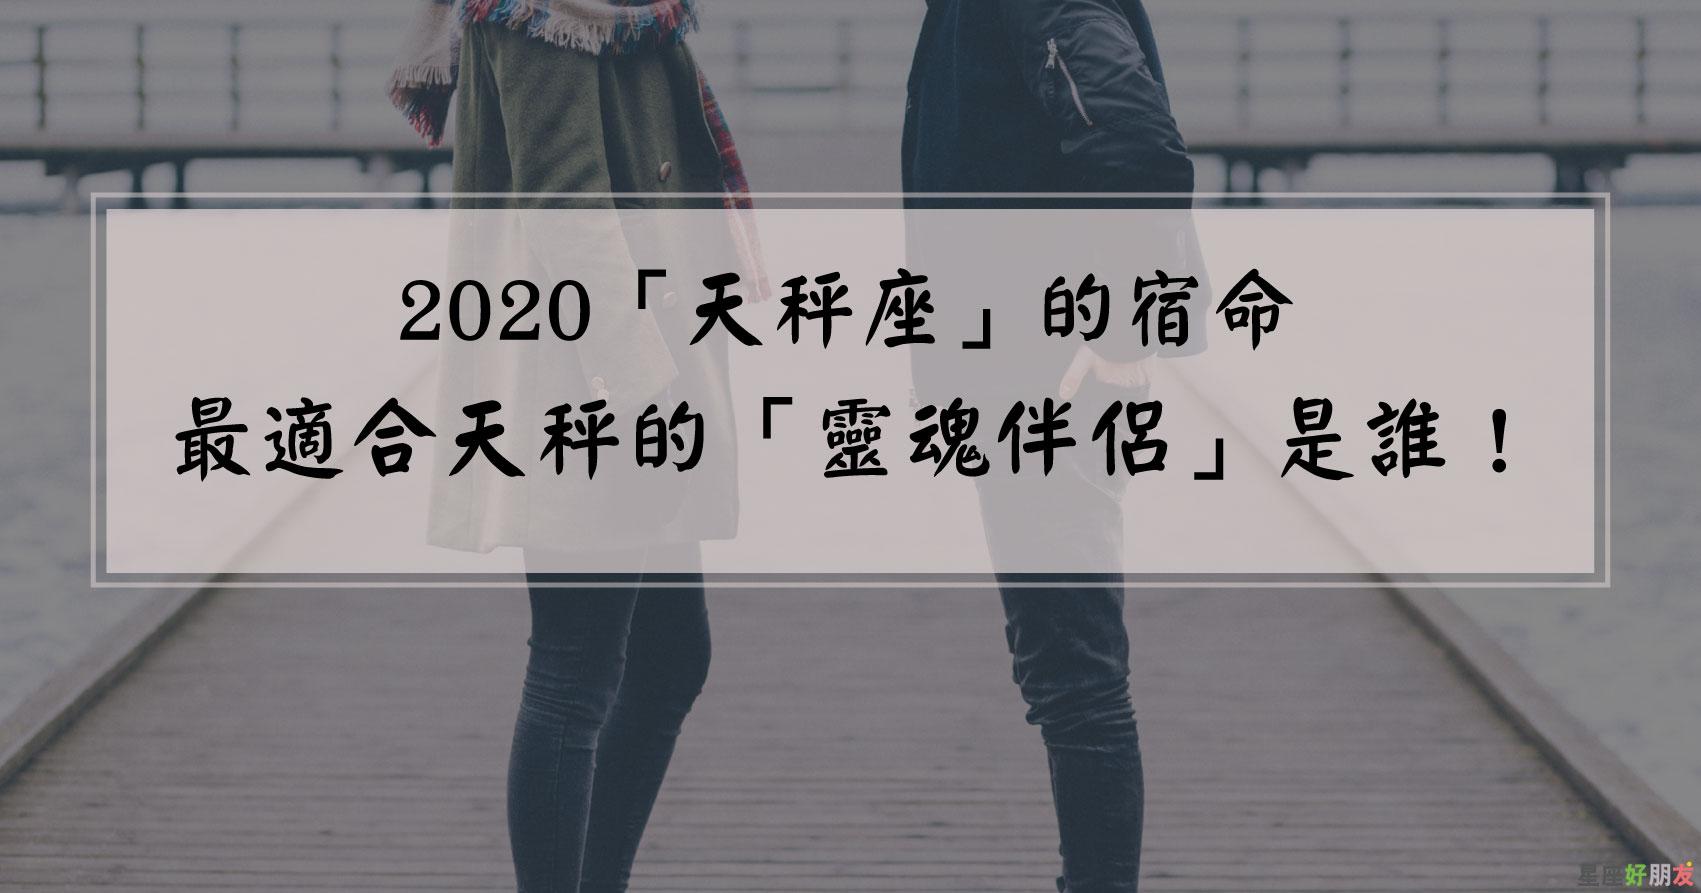 2020 天秤座